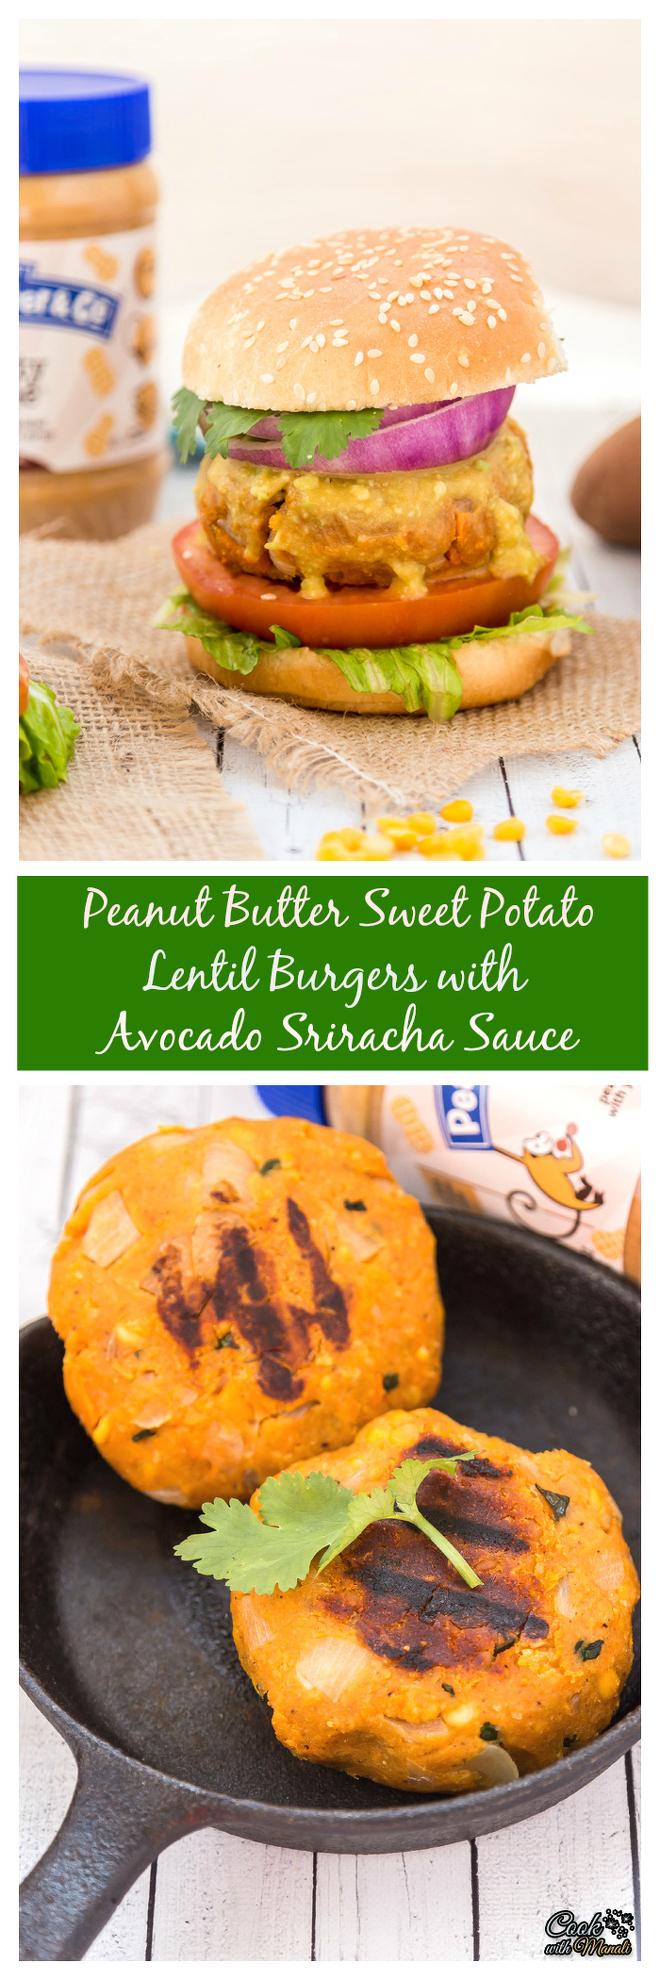 Peanut Butter Sweet Potato Lentil Burgers with Sriracha Sauce collage-nocwm